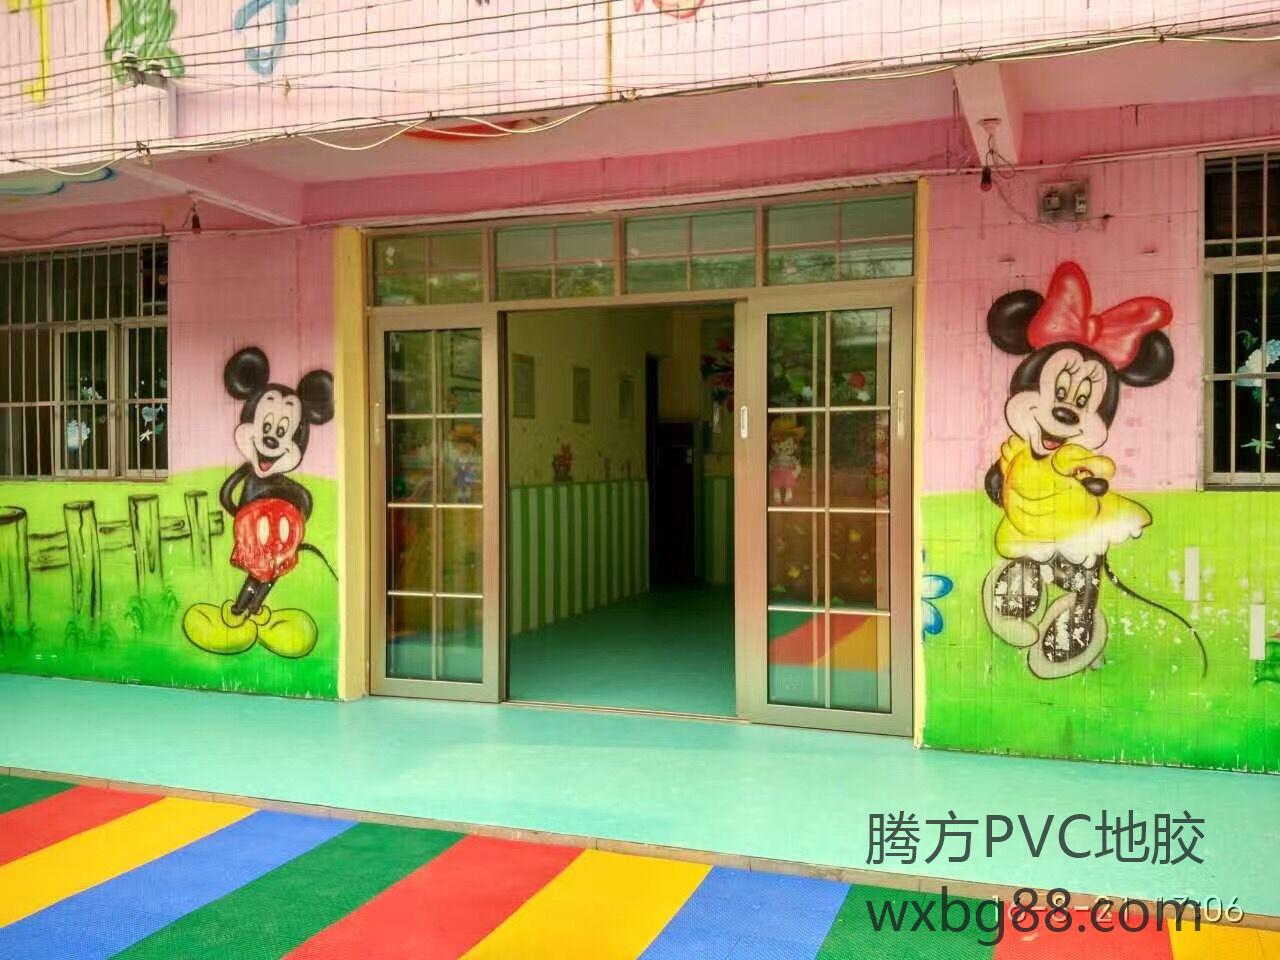 【江西】鹰潭幼儿园PVC地胶